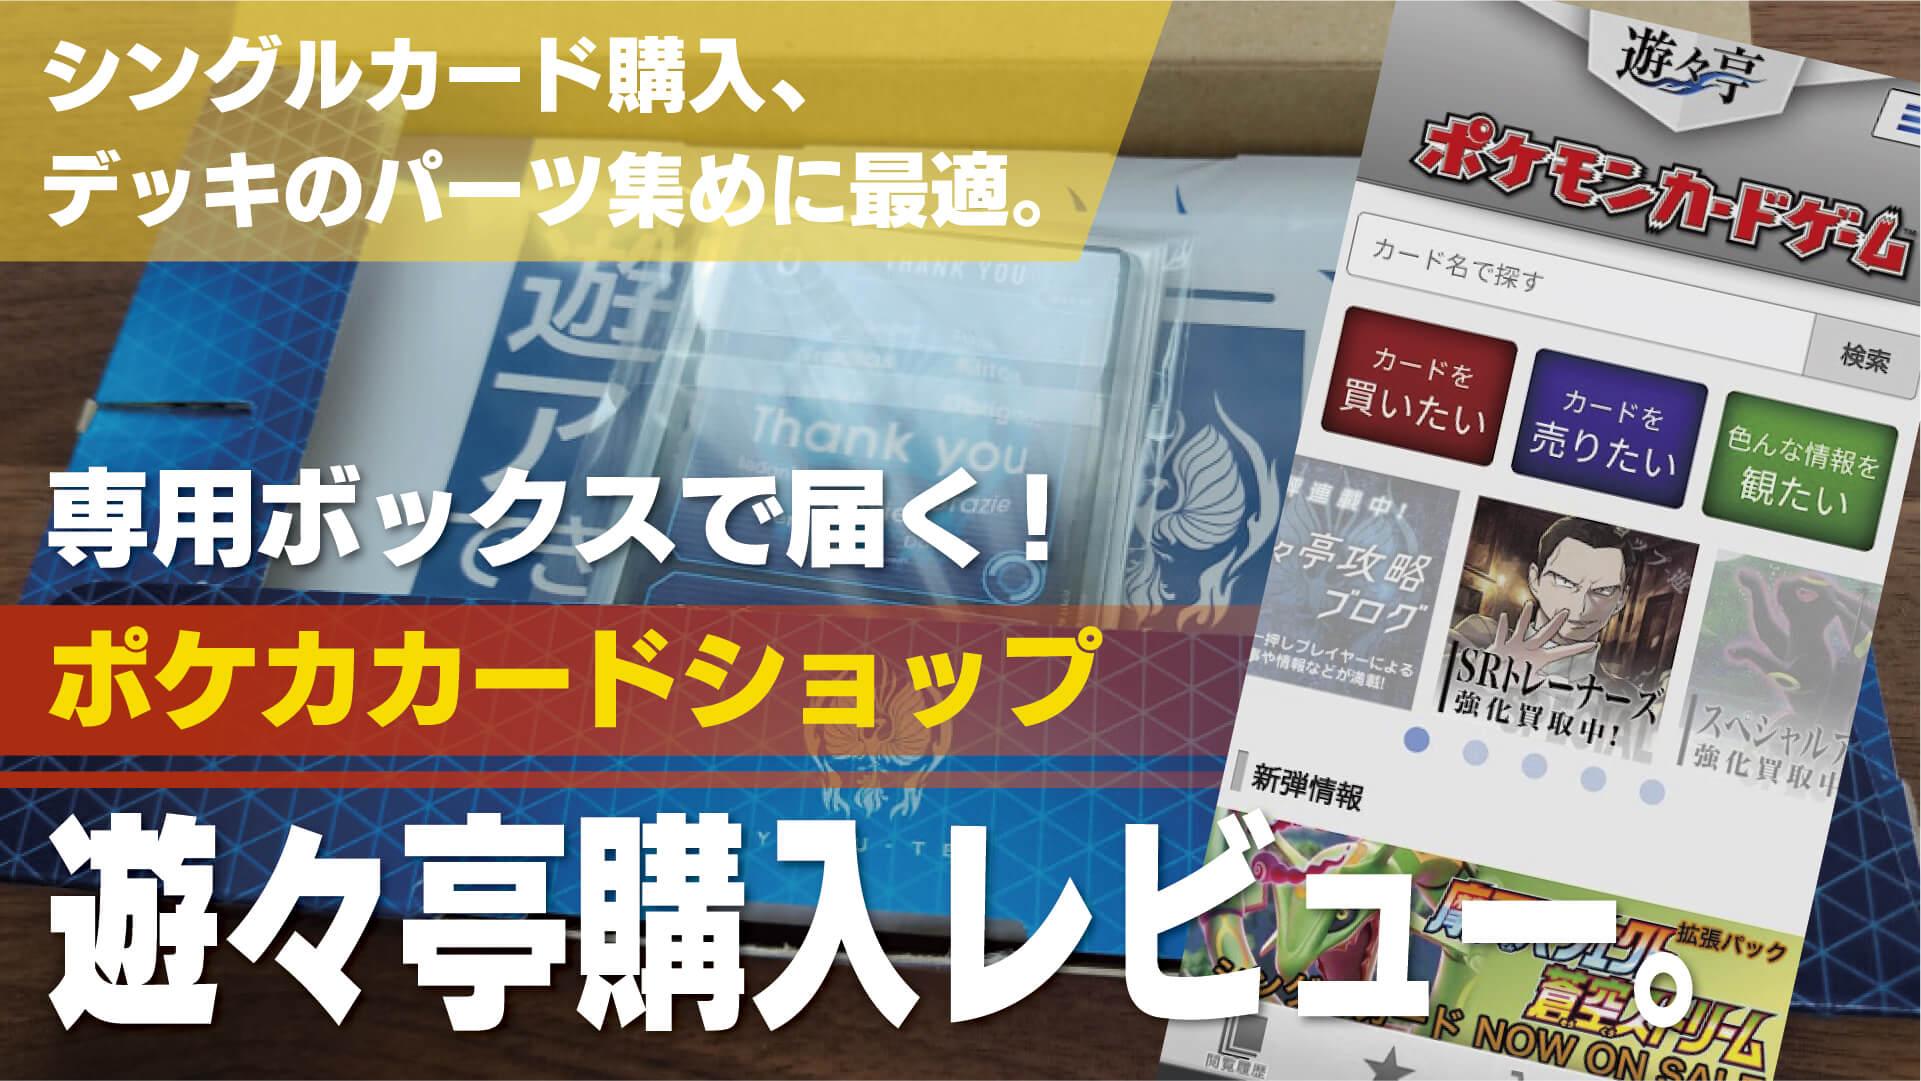 ポケカのおすすめカードショップ【遊々亭】購入レビュー!シングルカード・パーツ集めに最適/高品質・安心・送料無料